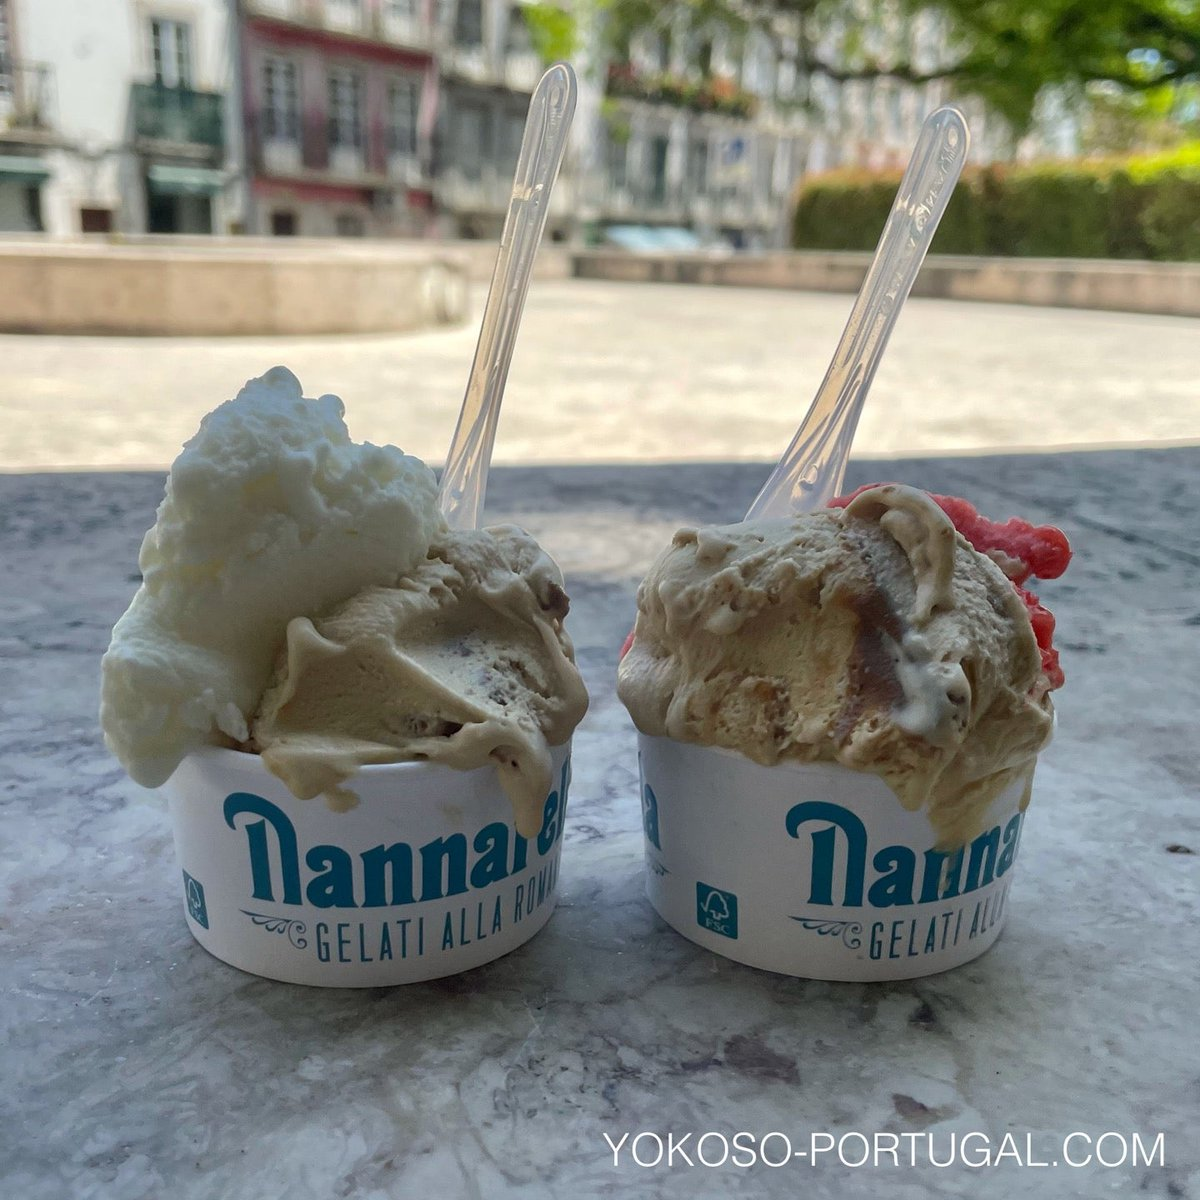 test ツイッターメディア - リスボンの国会議事堂近くの人気アイスクリーム屋さん。リスボンは最高気温30℃近くの暑い日が続いています。 (@ Nannarella in Lisboa) https://t.co/8Qtp5566IL https://t.co/7fyFsFNmAt